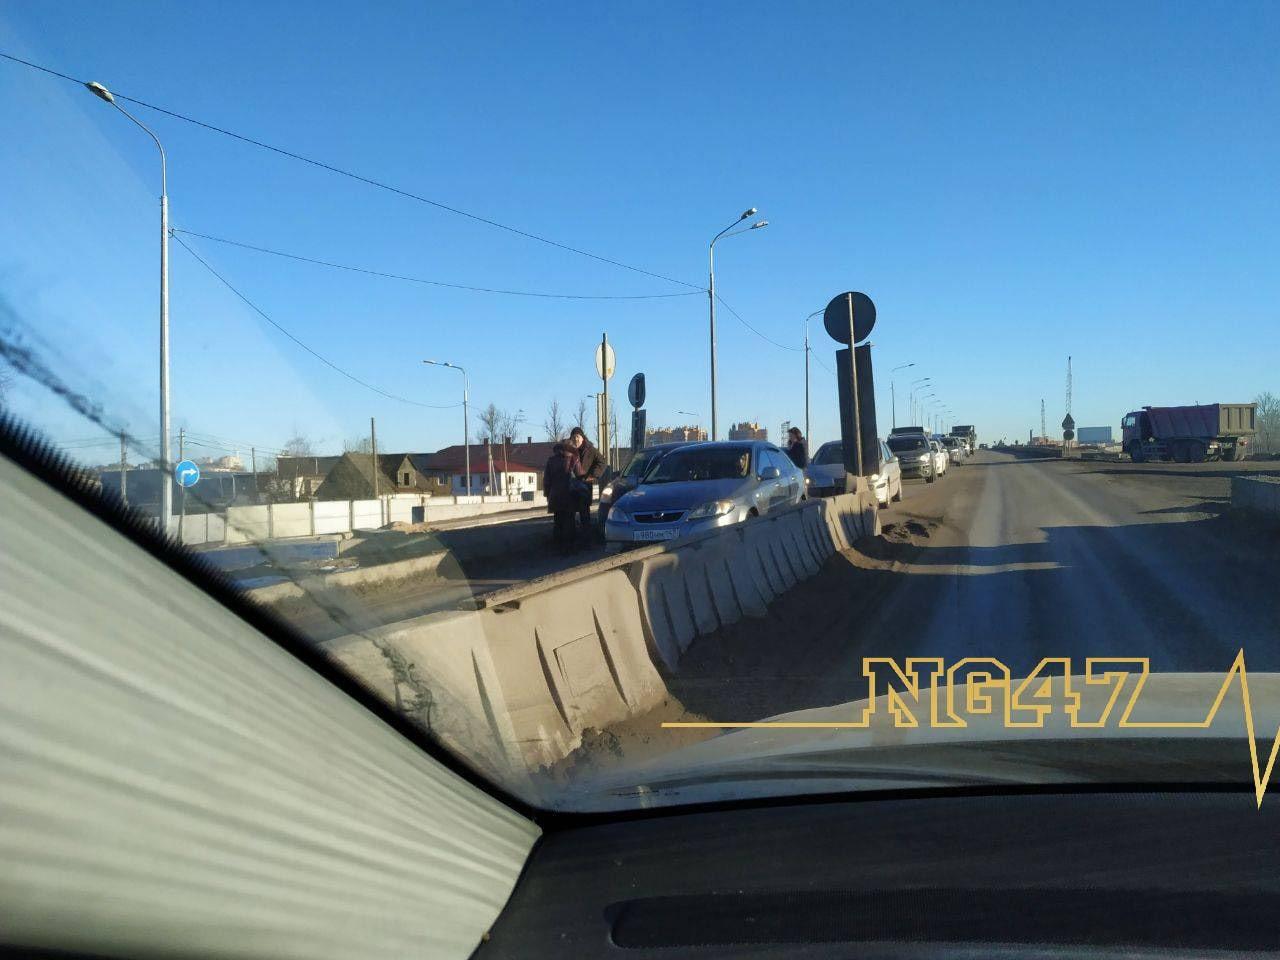 Авария на Лиговском путепроводе на выезд из города. В самом узком месте, на спуске с моста сошлись д...